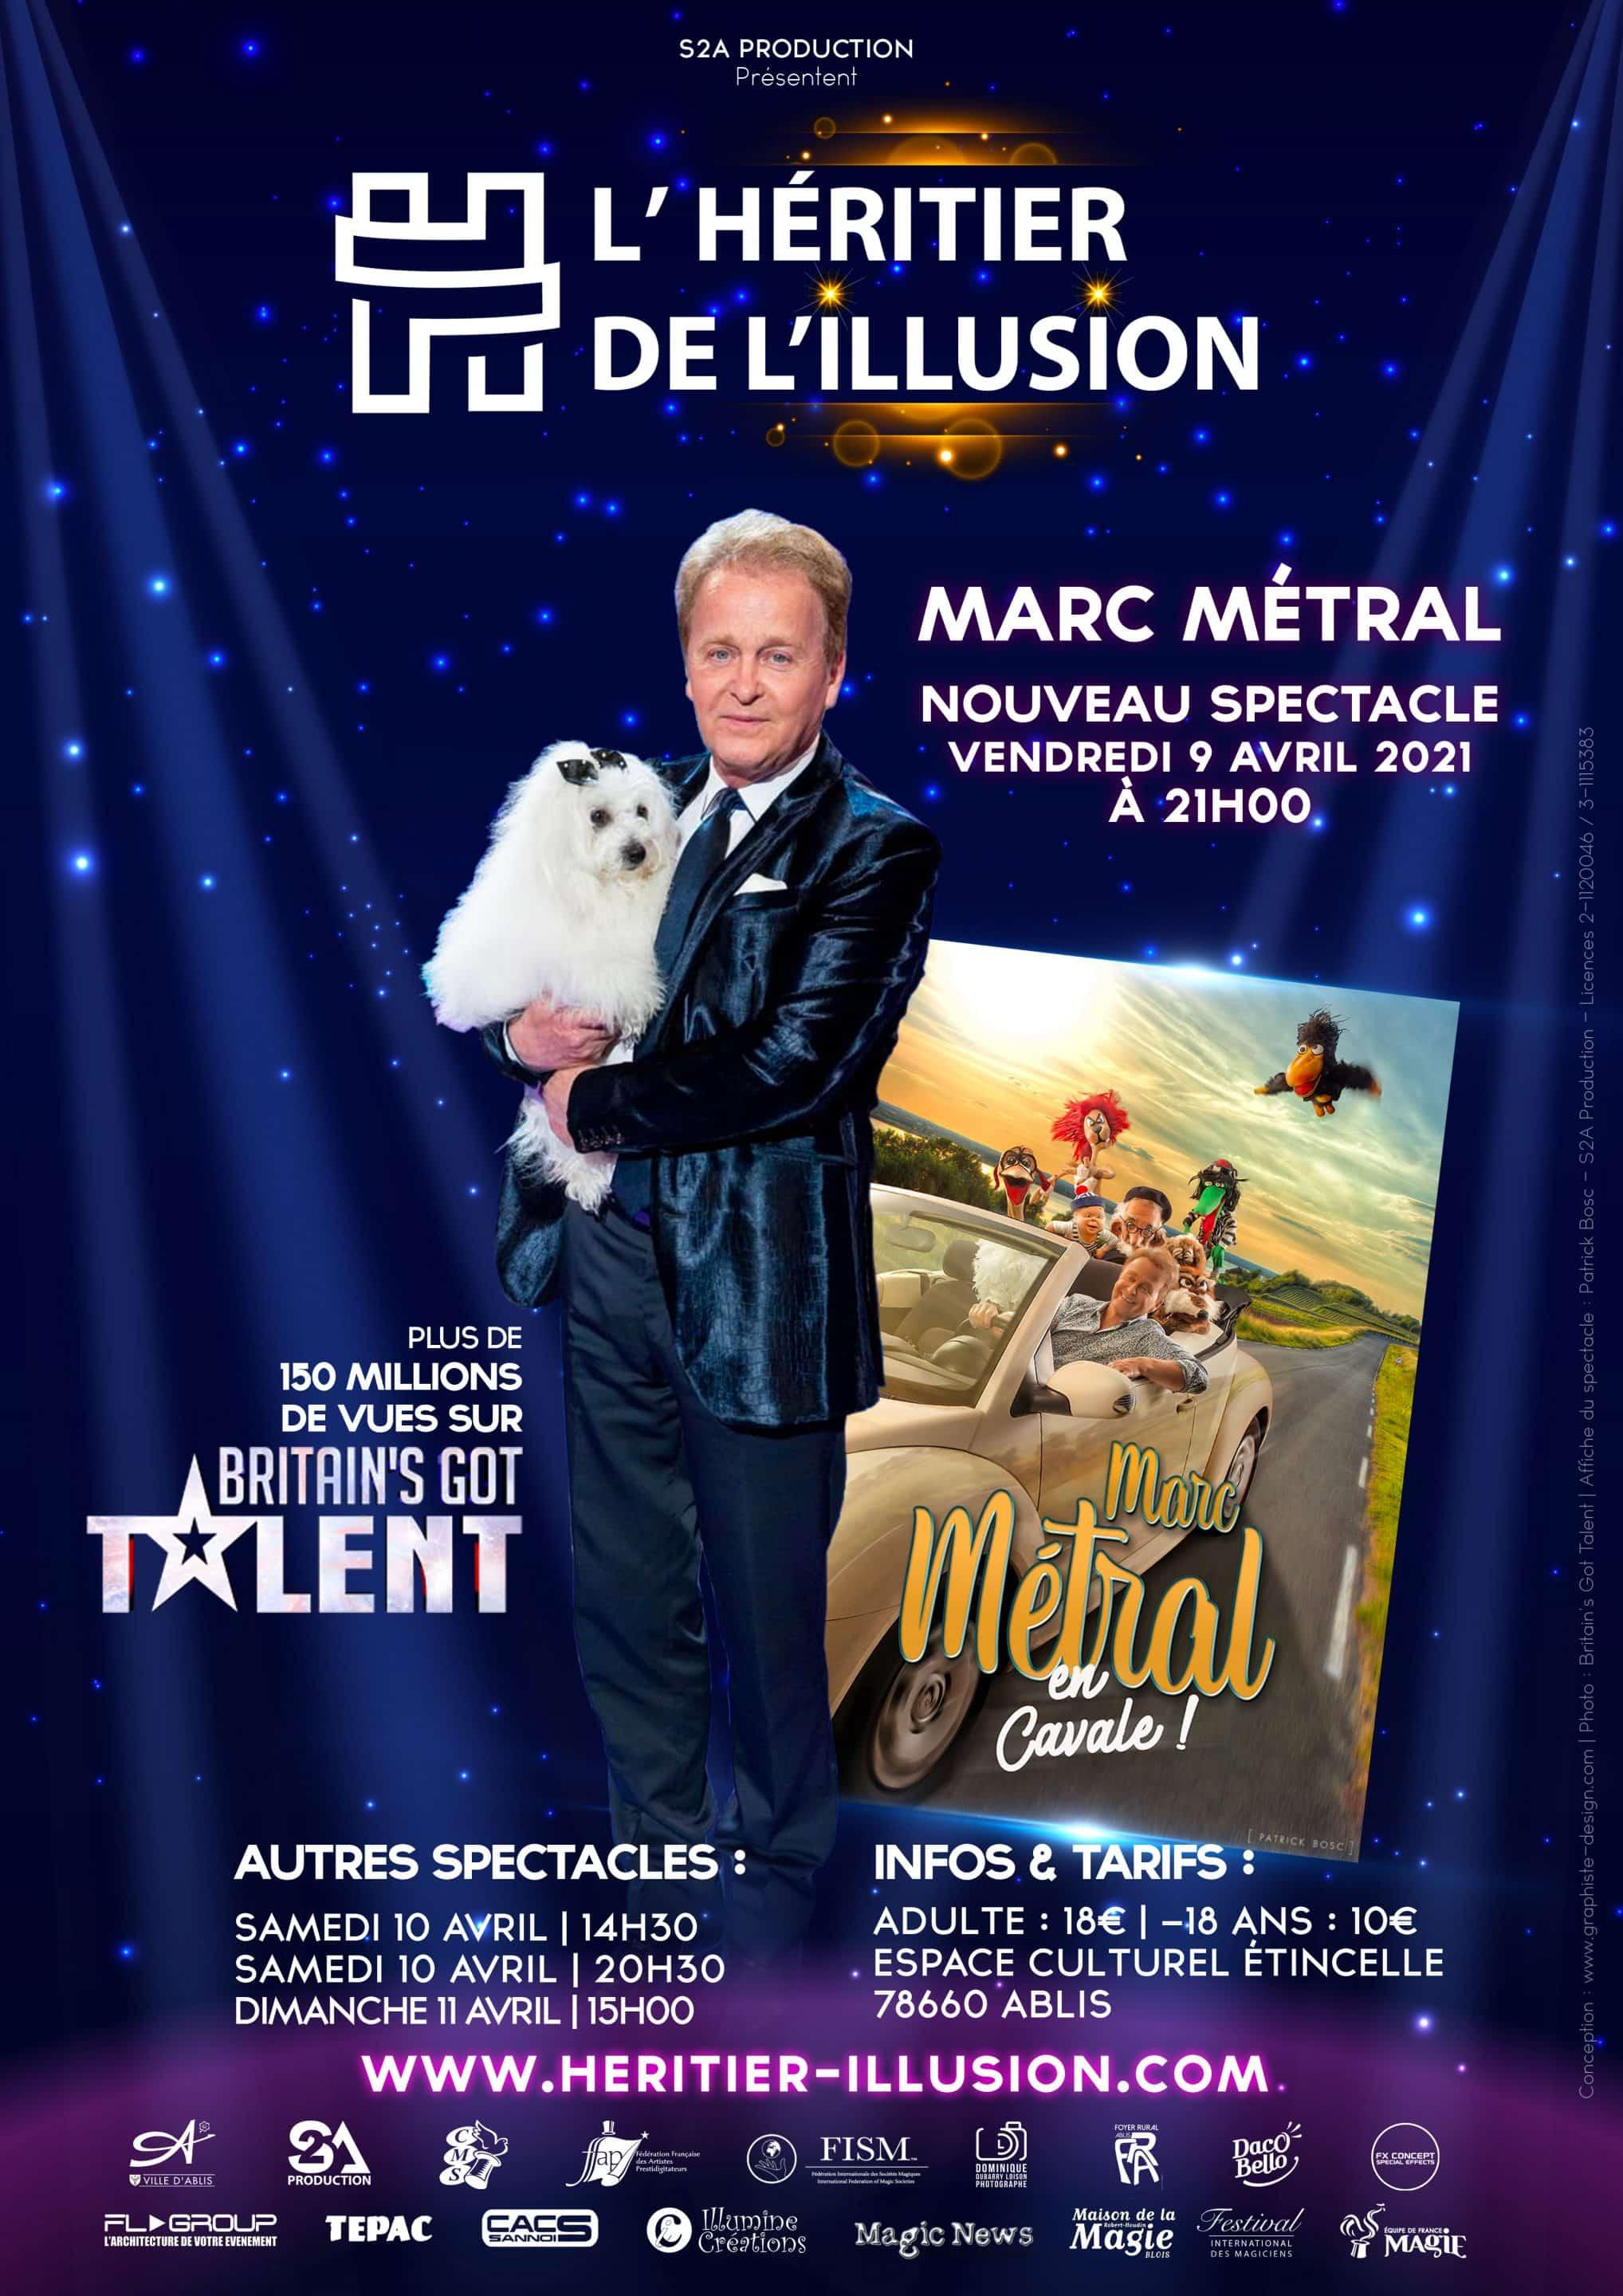 Marc Métral en Cavale - Ventriloque